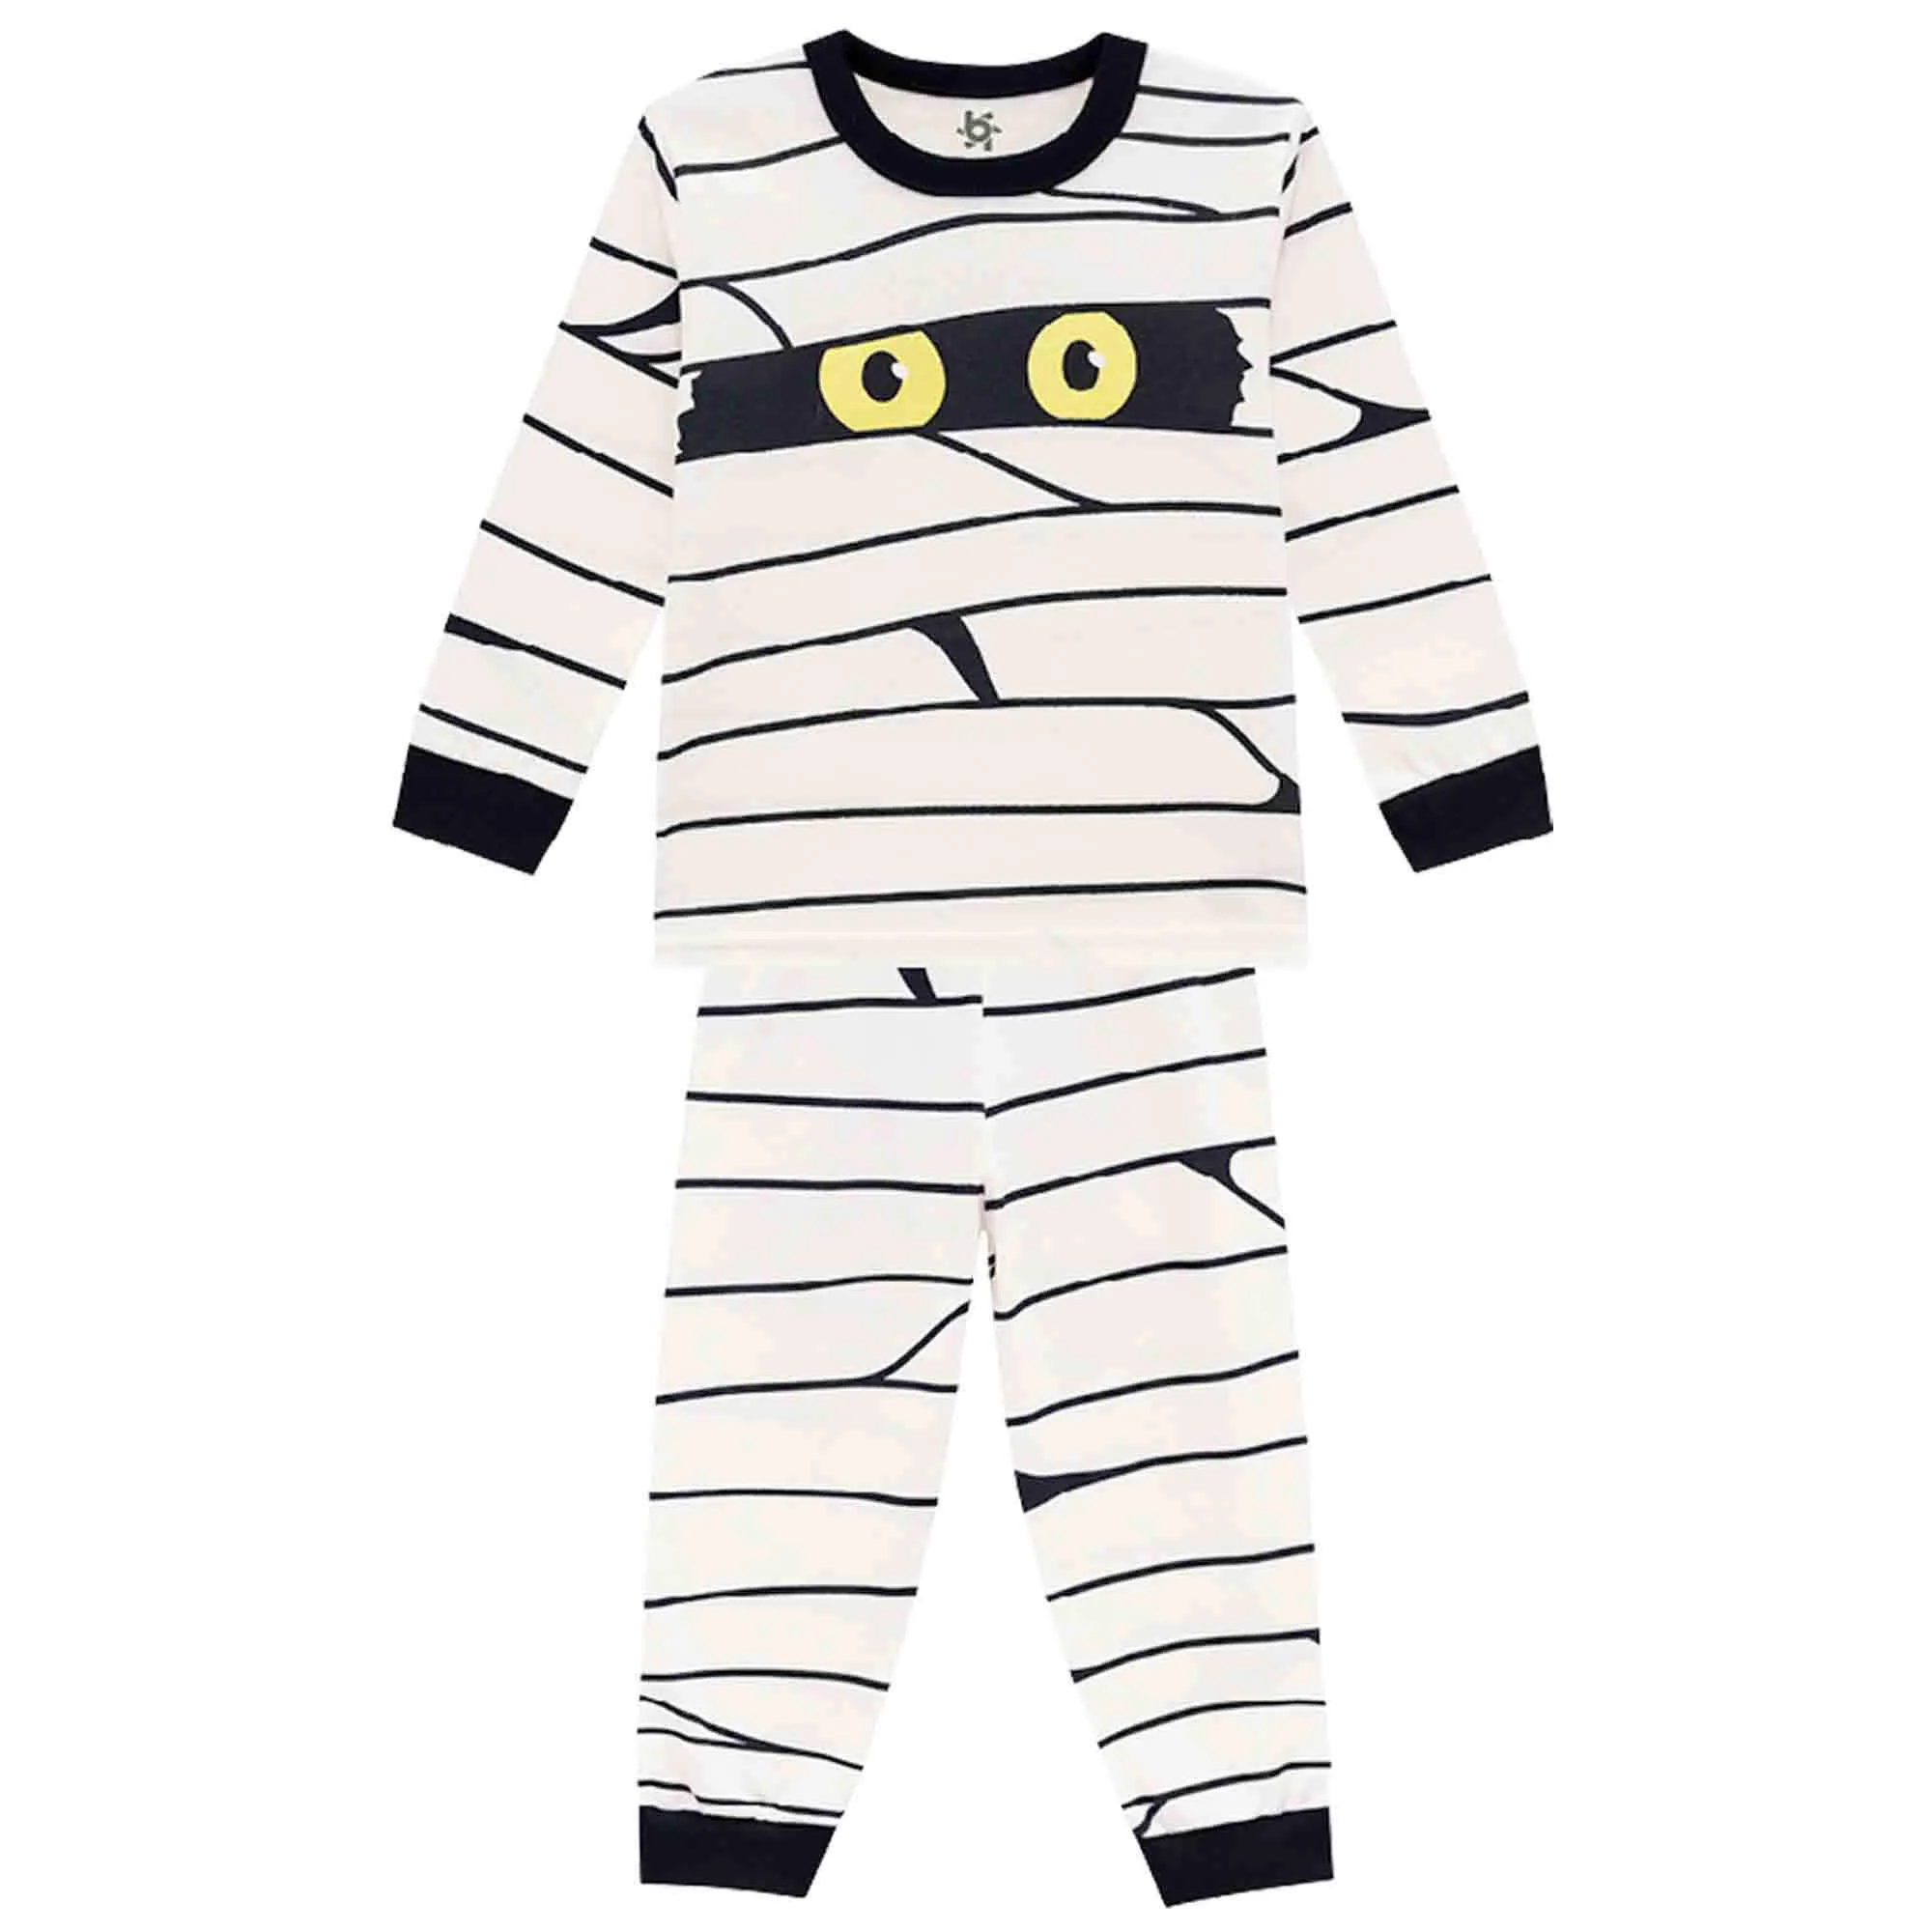 Pijama Brandili Camiseta e Calça - Brilha no Escuro - 4 ao 10